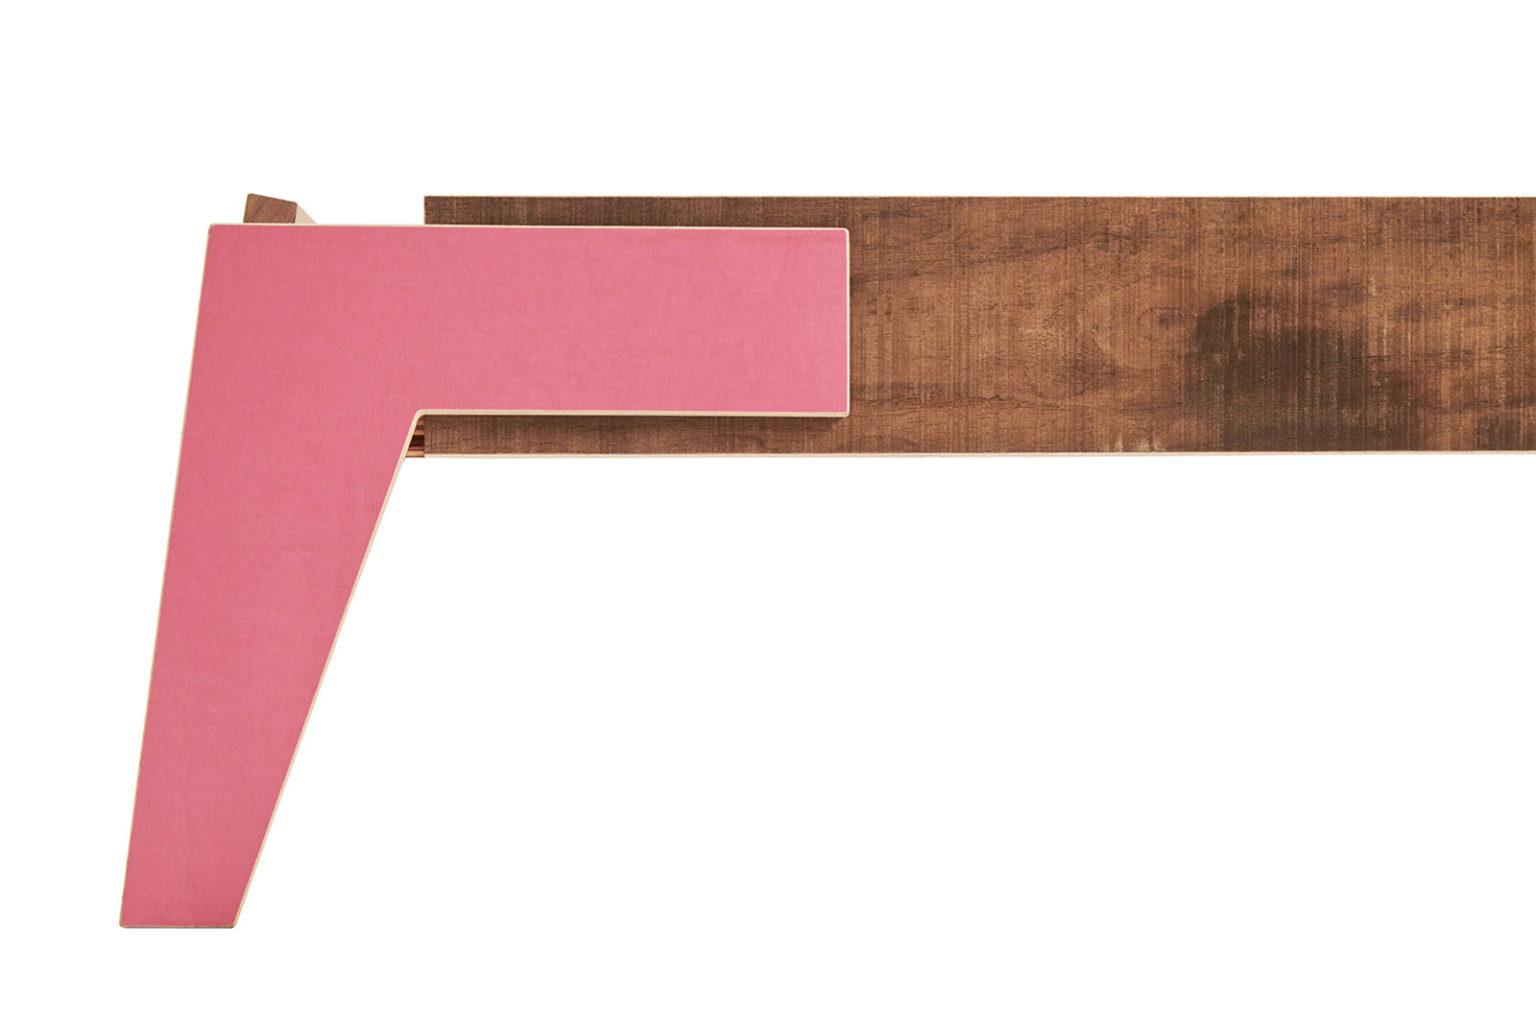 _0037_1.9 pink-ziki Shift Bed_b